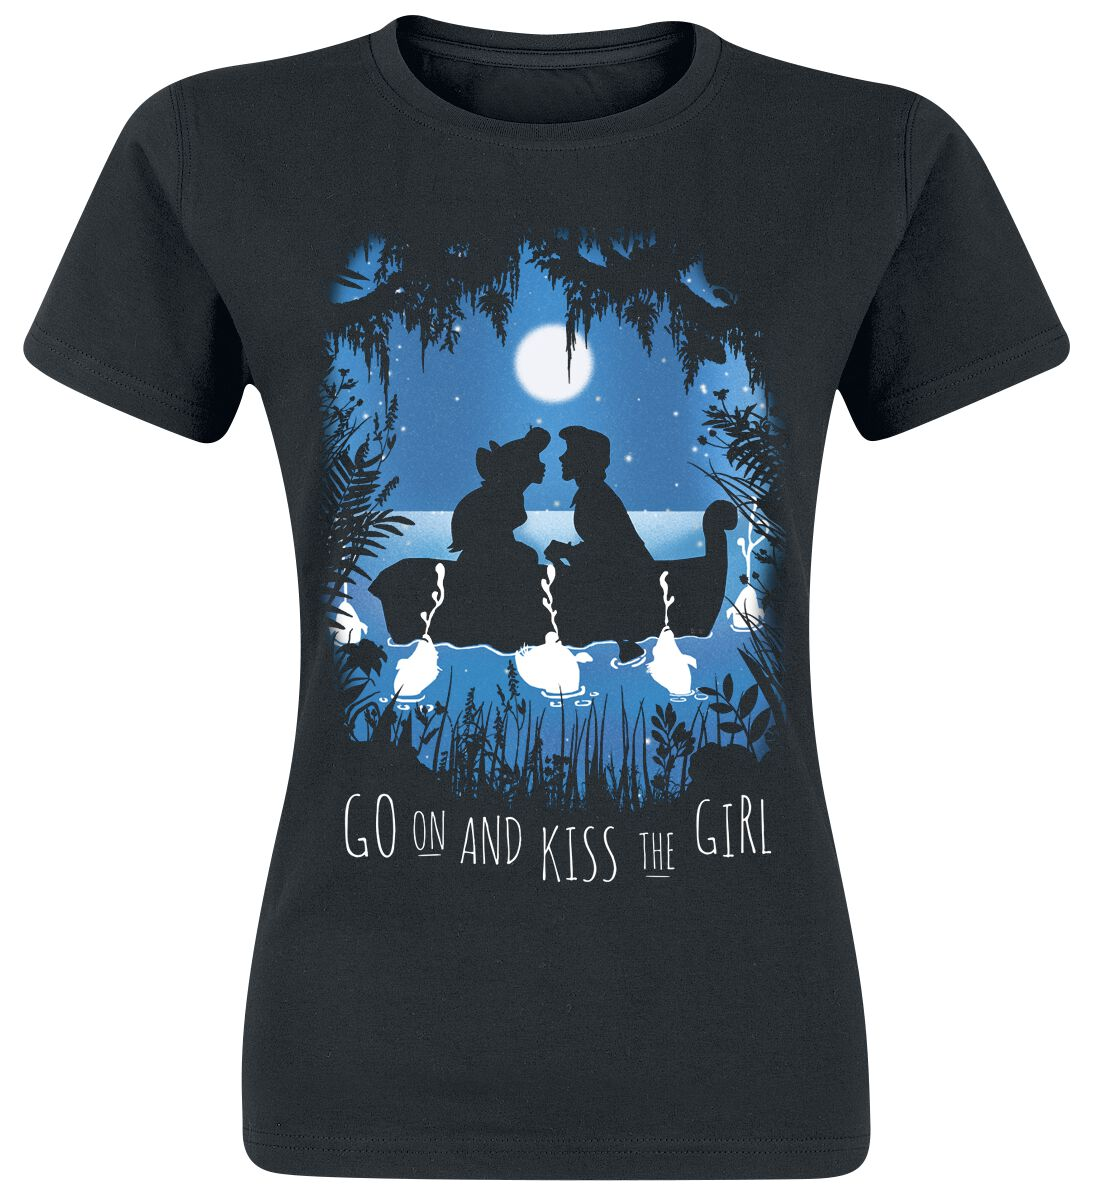 Ariel - Mała Syrenka Boat Trip Koszulka damska czarny